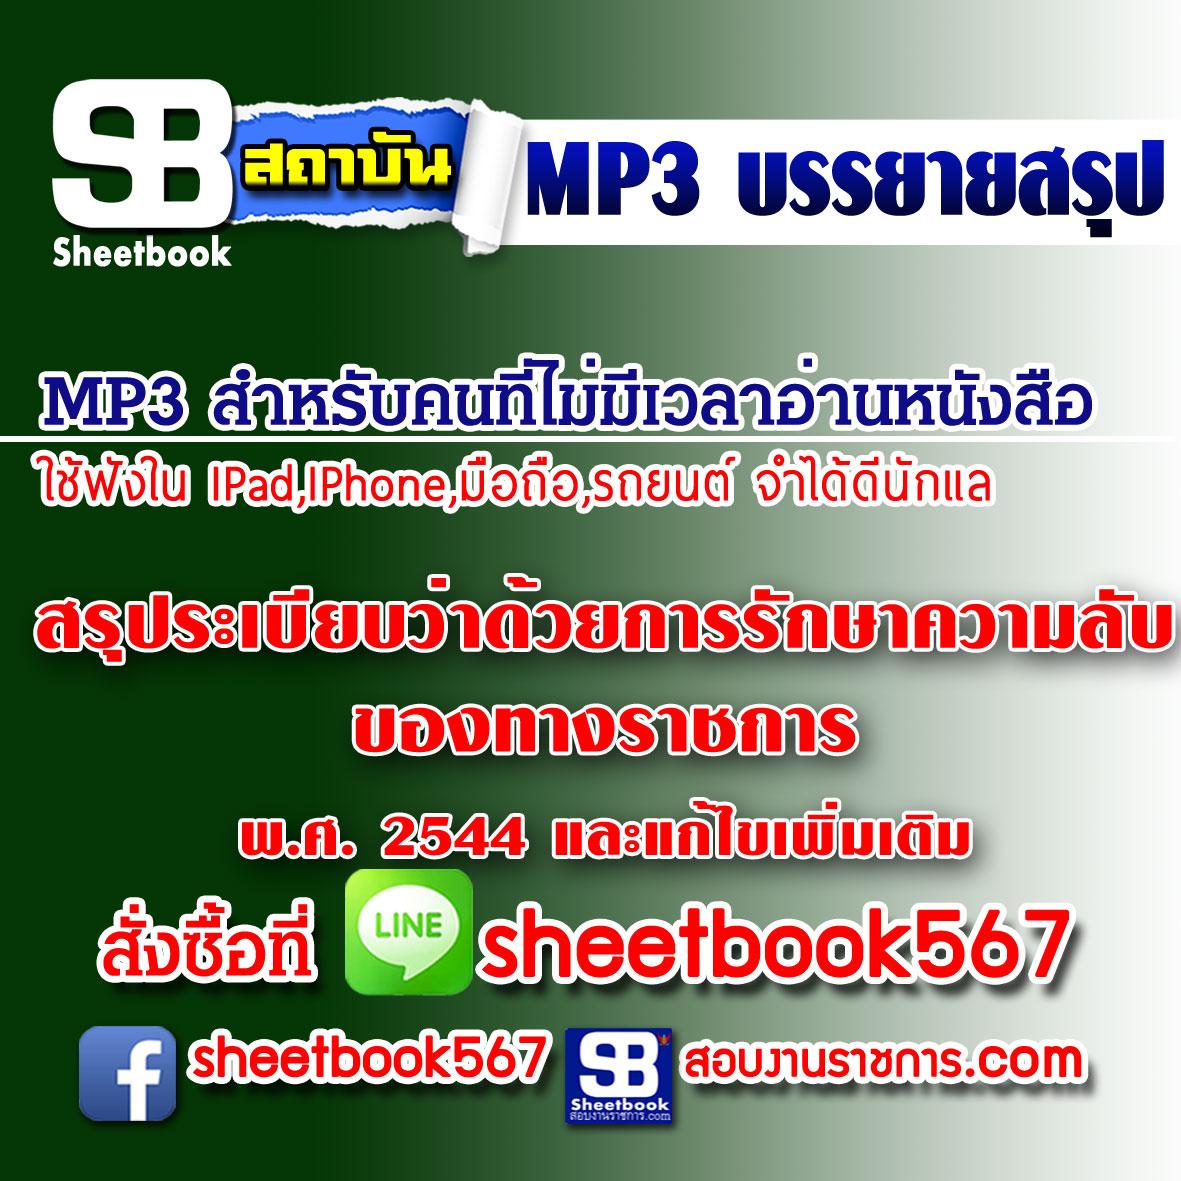 P065 - สรุประเบียบว่าด้วยการรักษาความลับของทางราชการ พ.ศ.2544